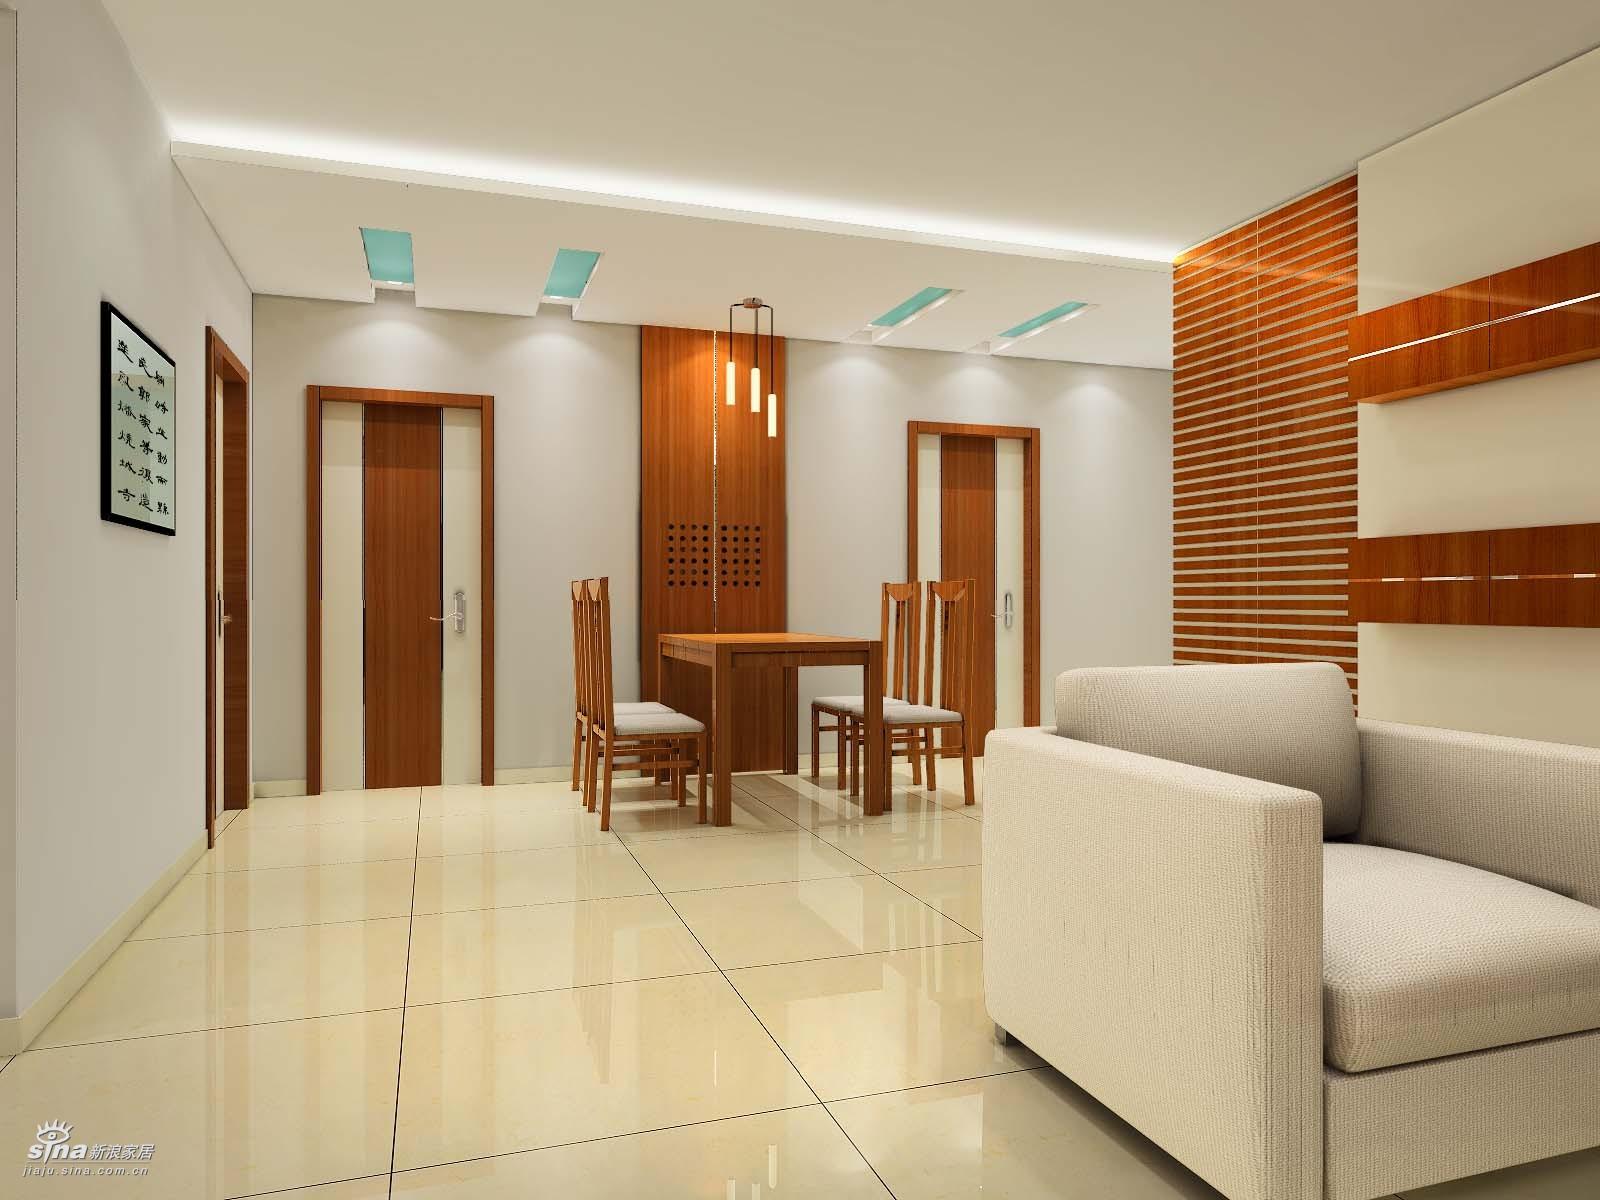 欧式 三居 餐厅图片来自用户2772873991在轻舟总设计部13的分享